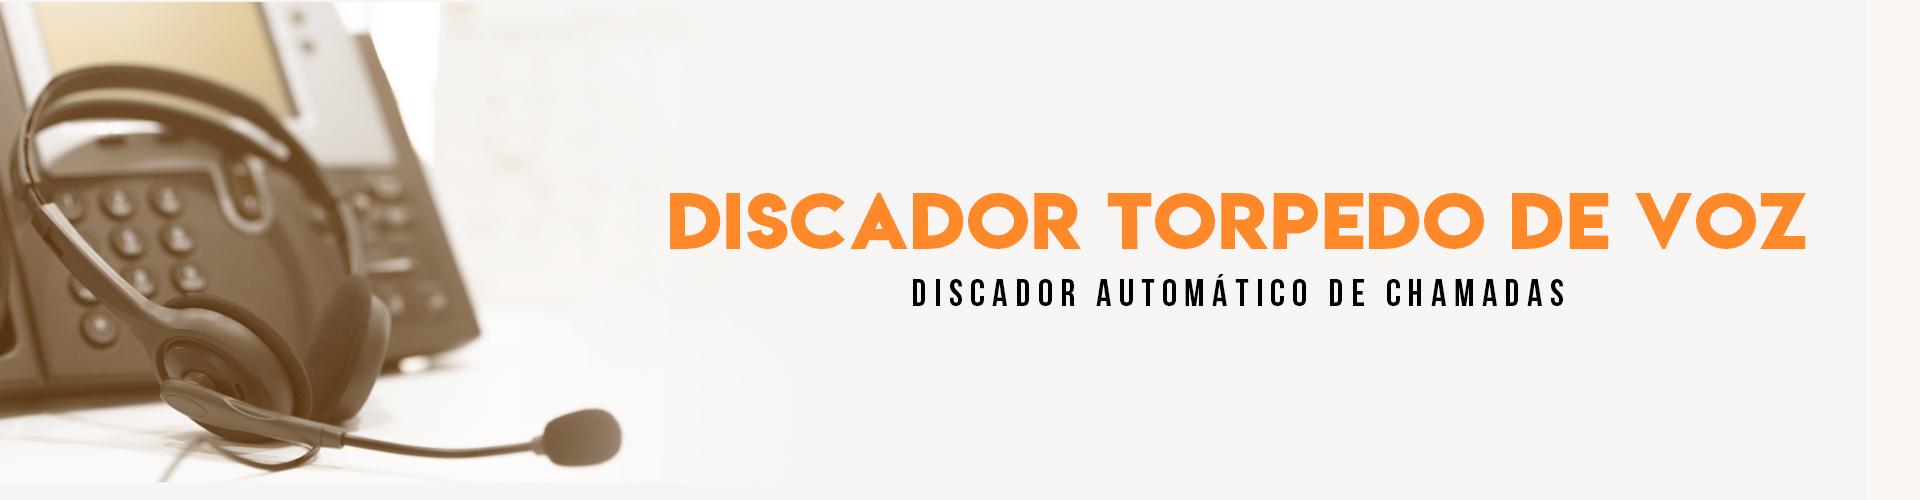 Call Center - Discador Torpedo de Voz